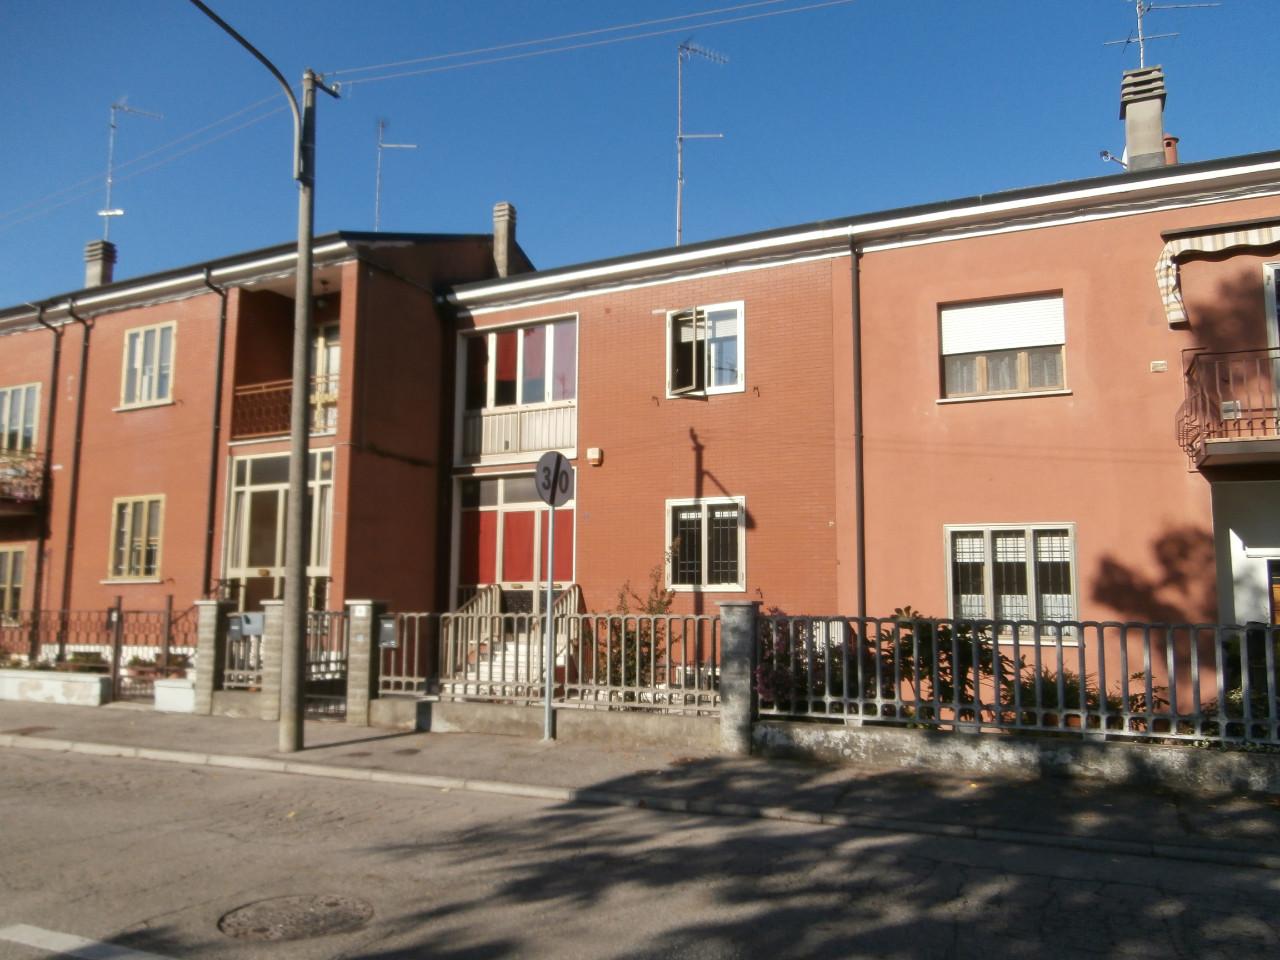 Villetta in vendita Ferrara Zona Pontelagoscuro